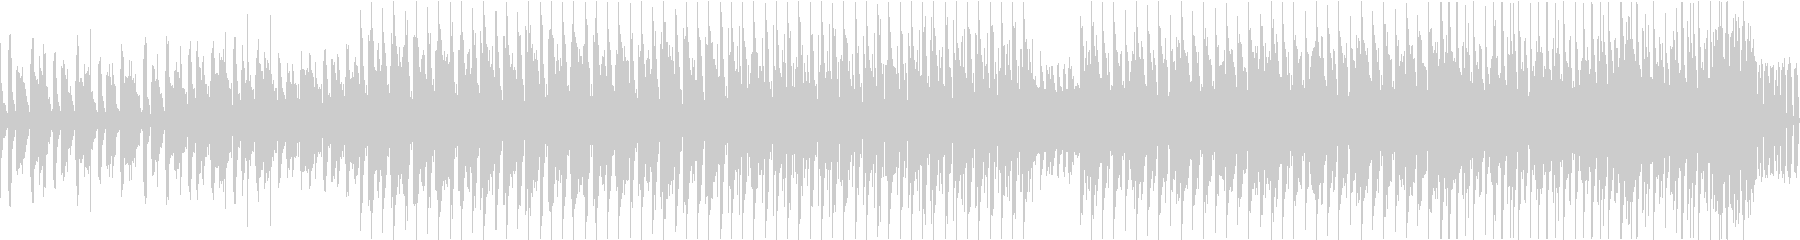 トロピカル EDM メジャー ループの未再生の波形